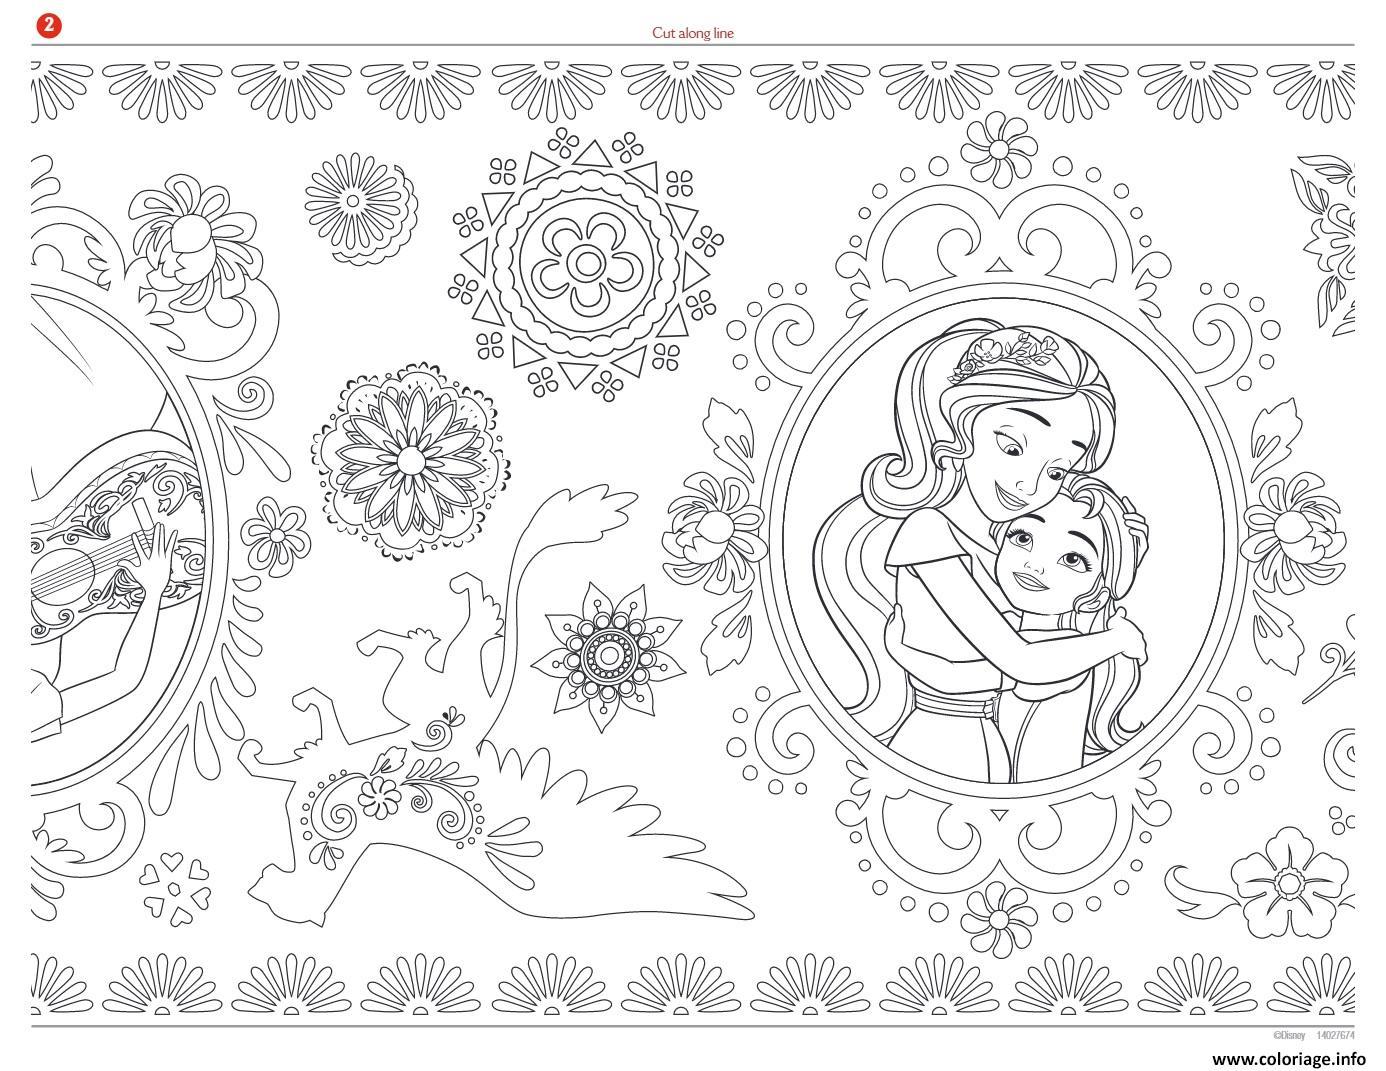 coloriage a imprimer elena